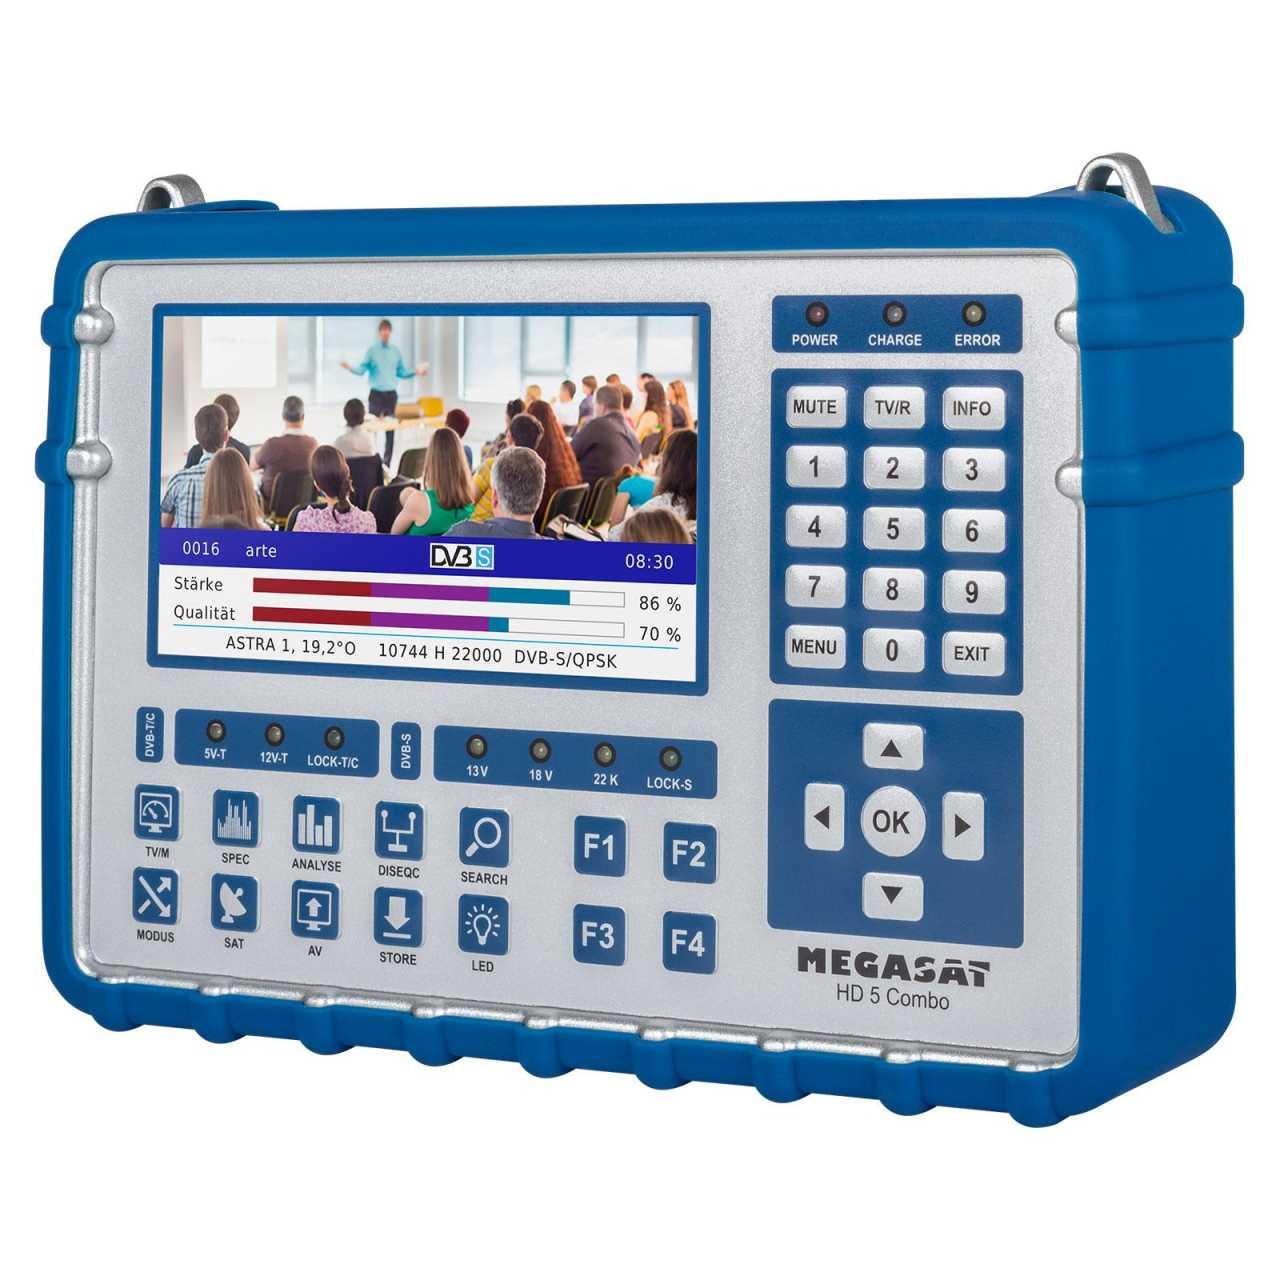 Megasat Sat Messgerät HD 5 Combo OLED DVB-S2/S2X/C/T2 Sat-/Kabel-/DVB-T2 Multistream Finder MONMES064